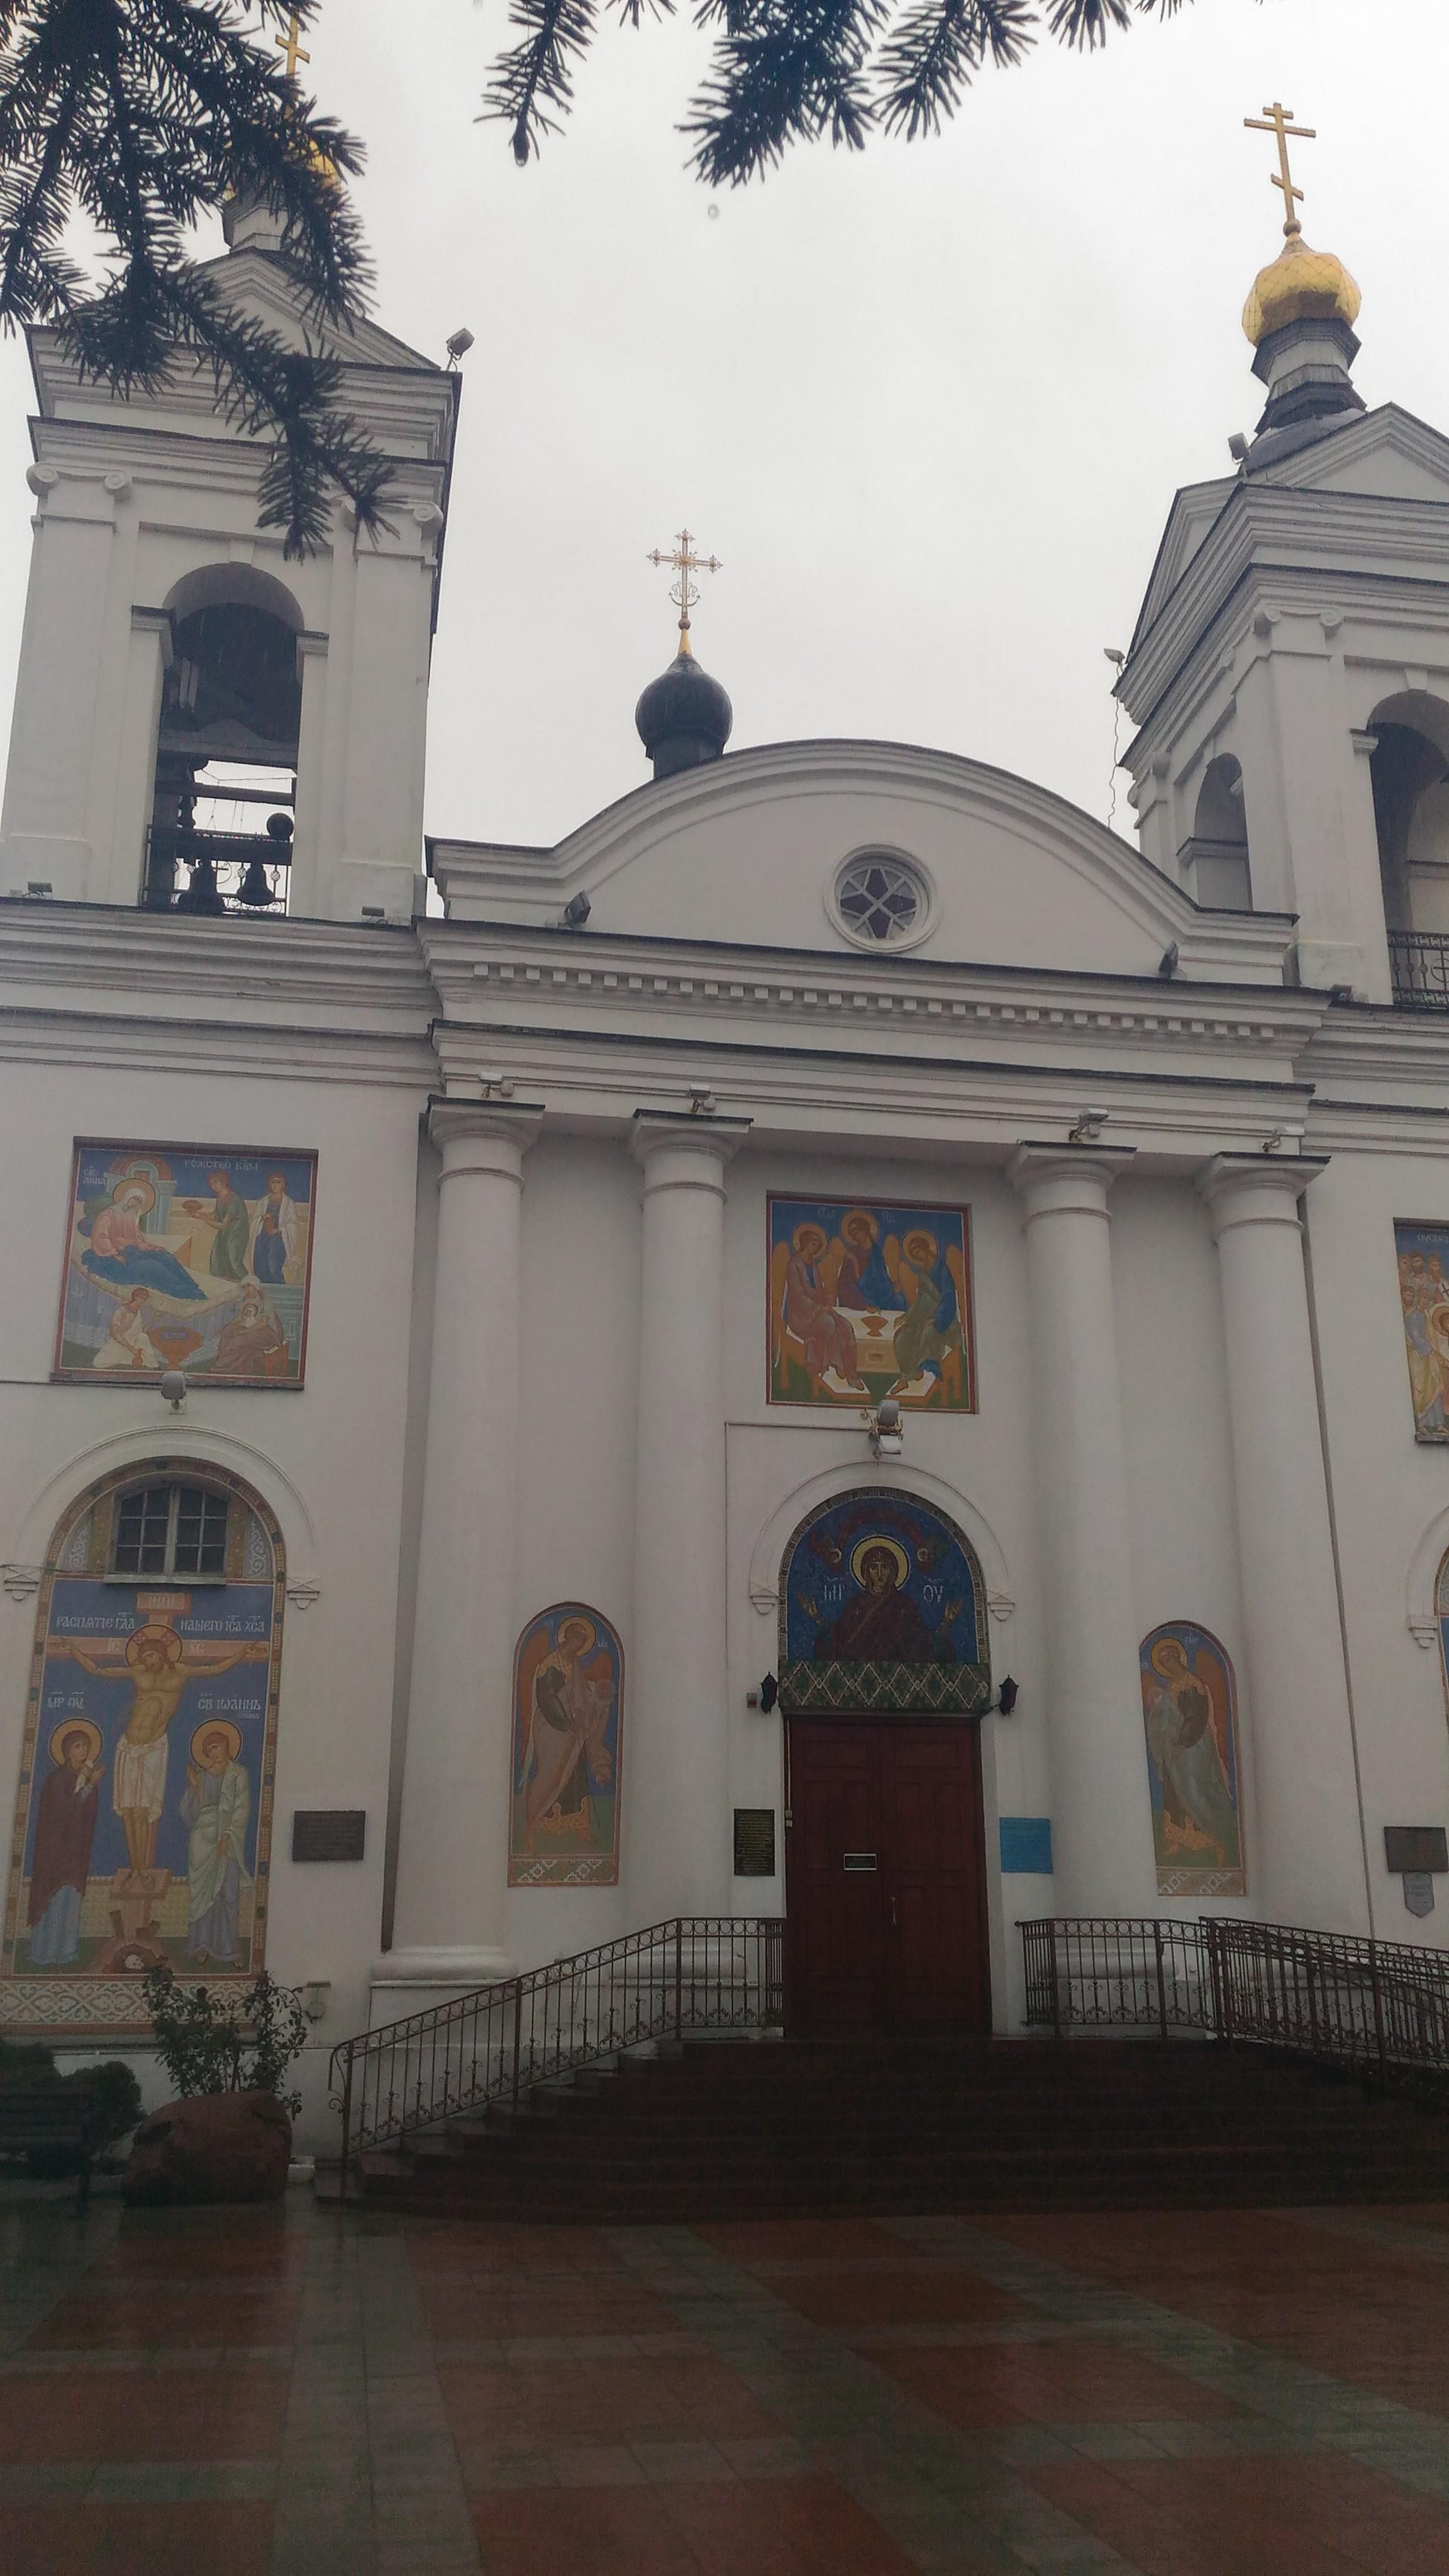 P 20191109 120531 1 - Свято-Покровский кафедральный собор в Витебске